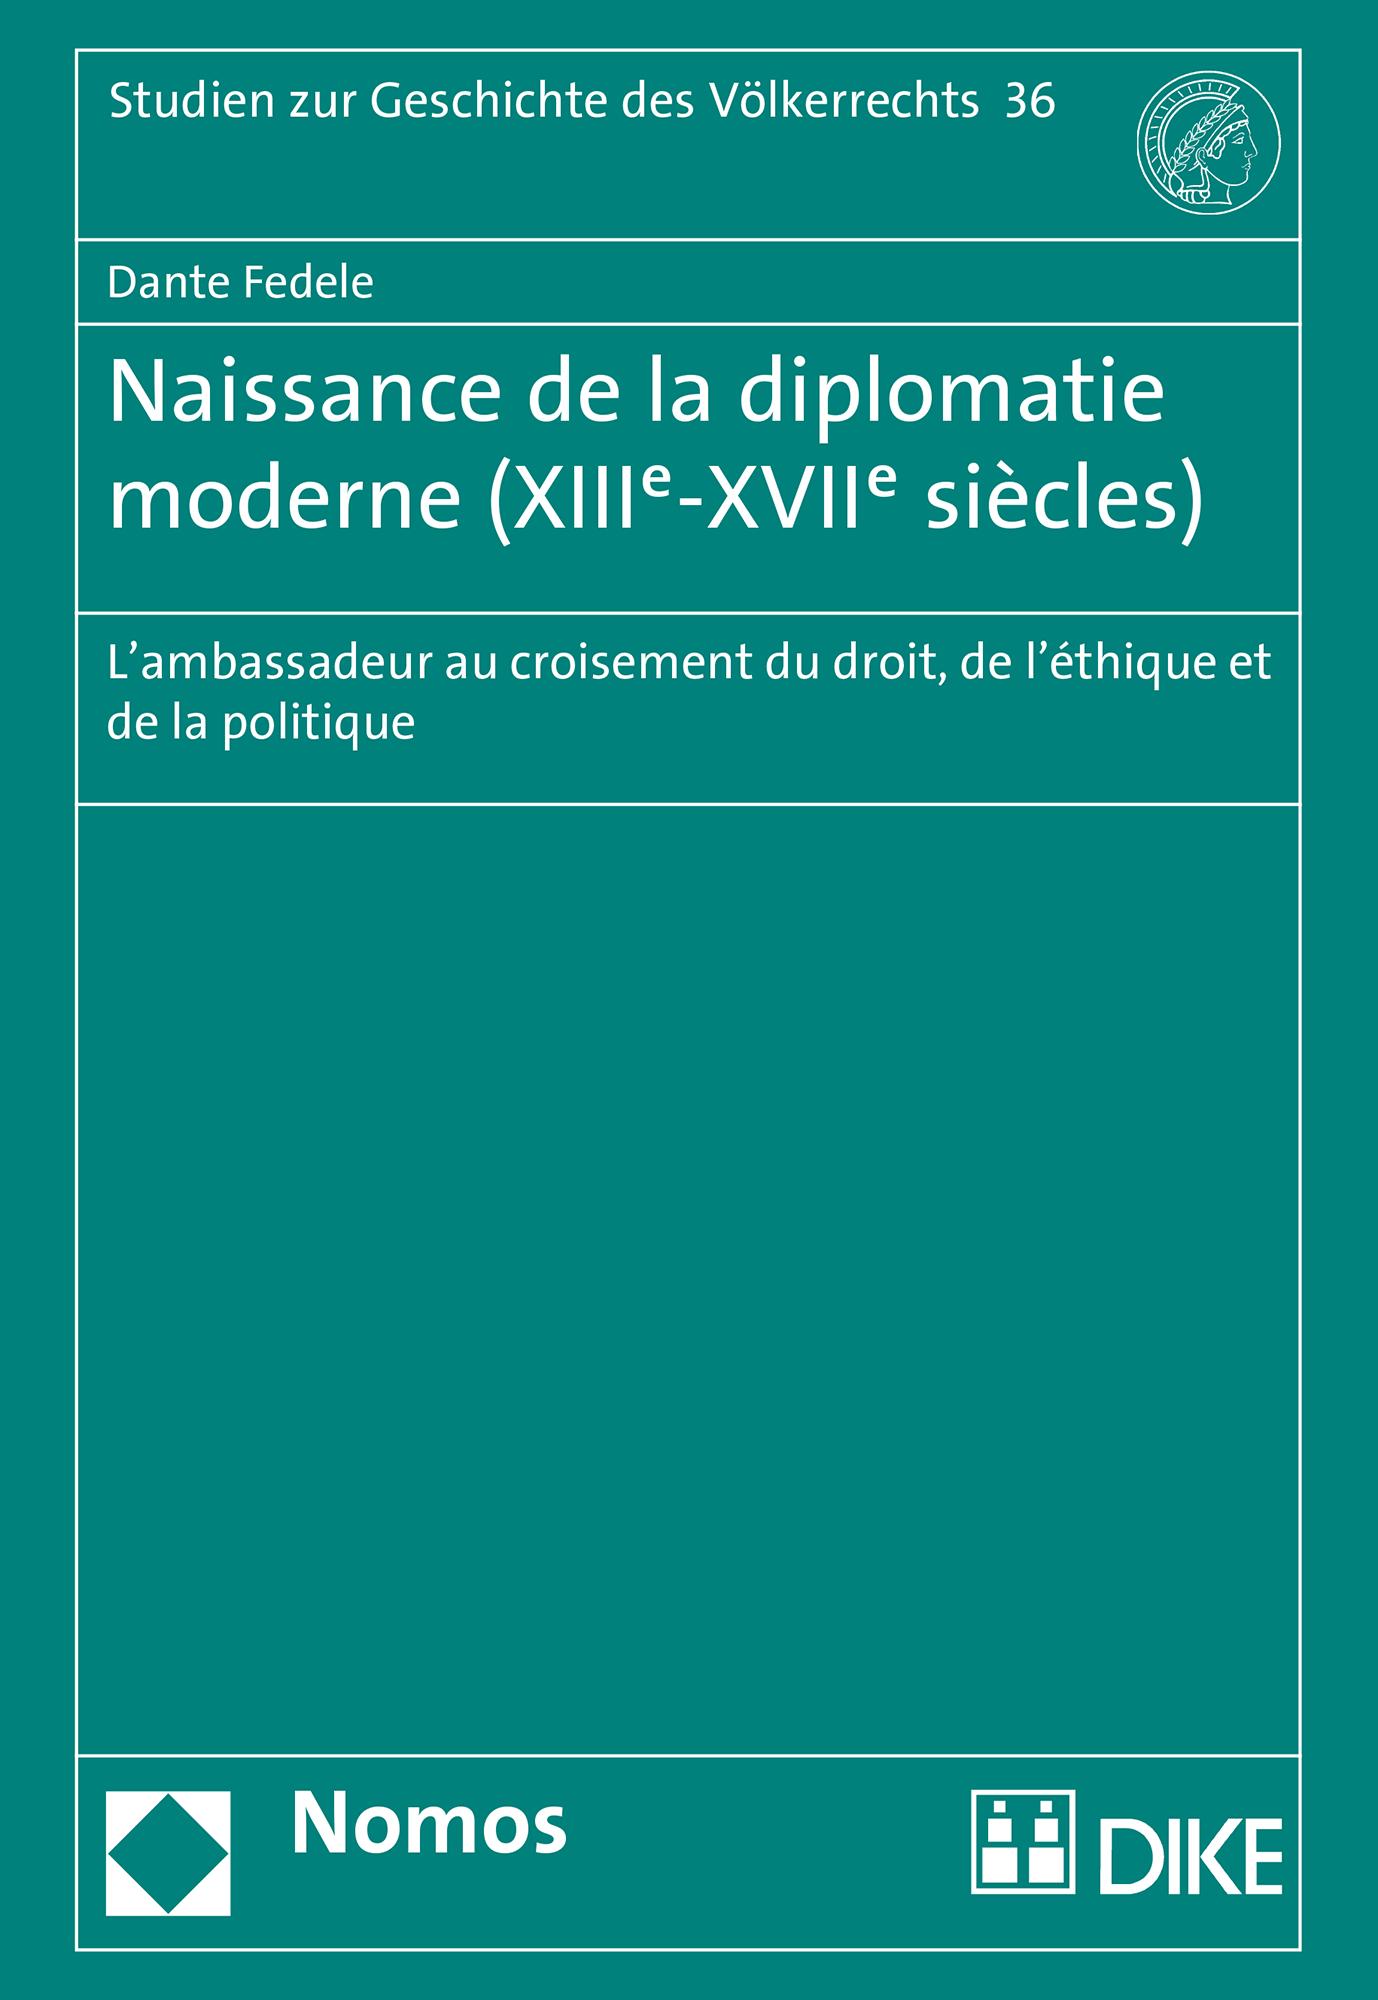 Naissance de la diplomatie moderne (XIIIe-XVIIe siècles)